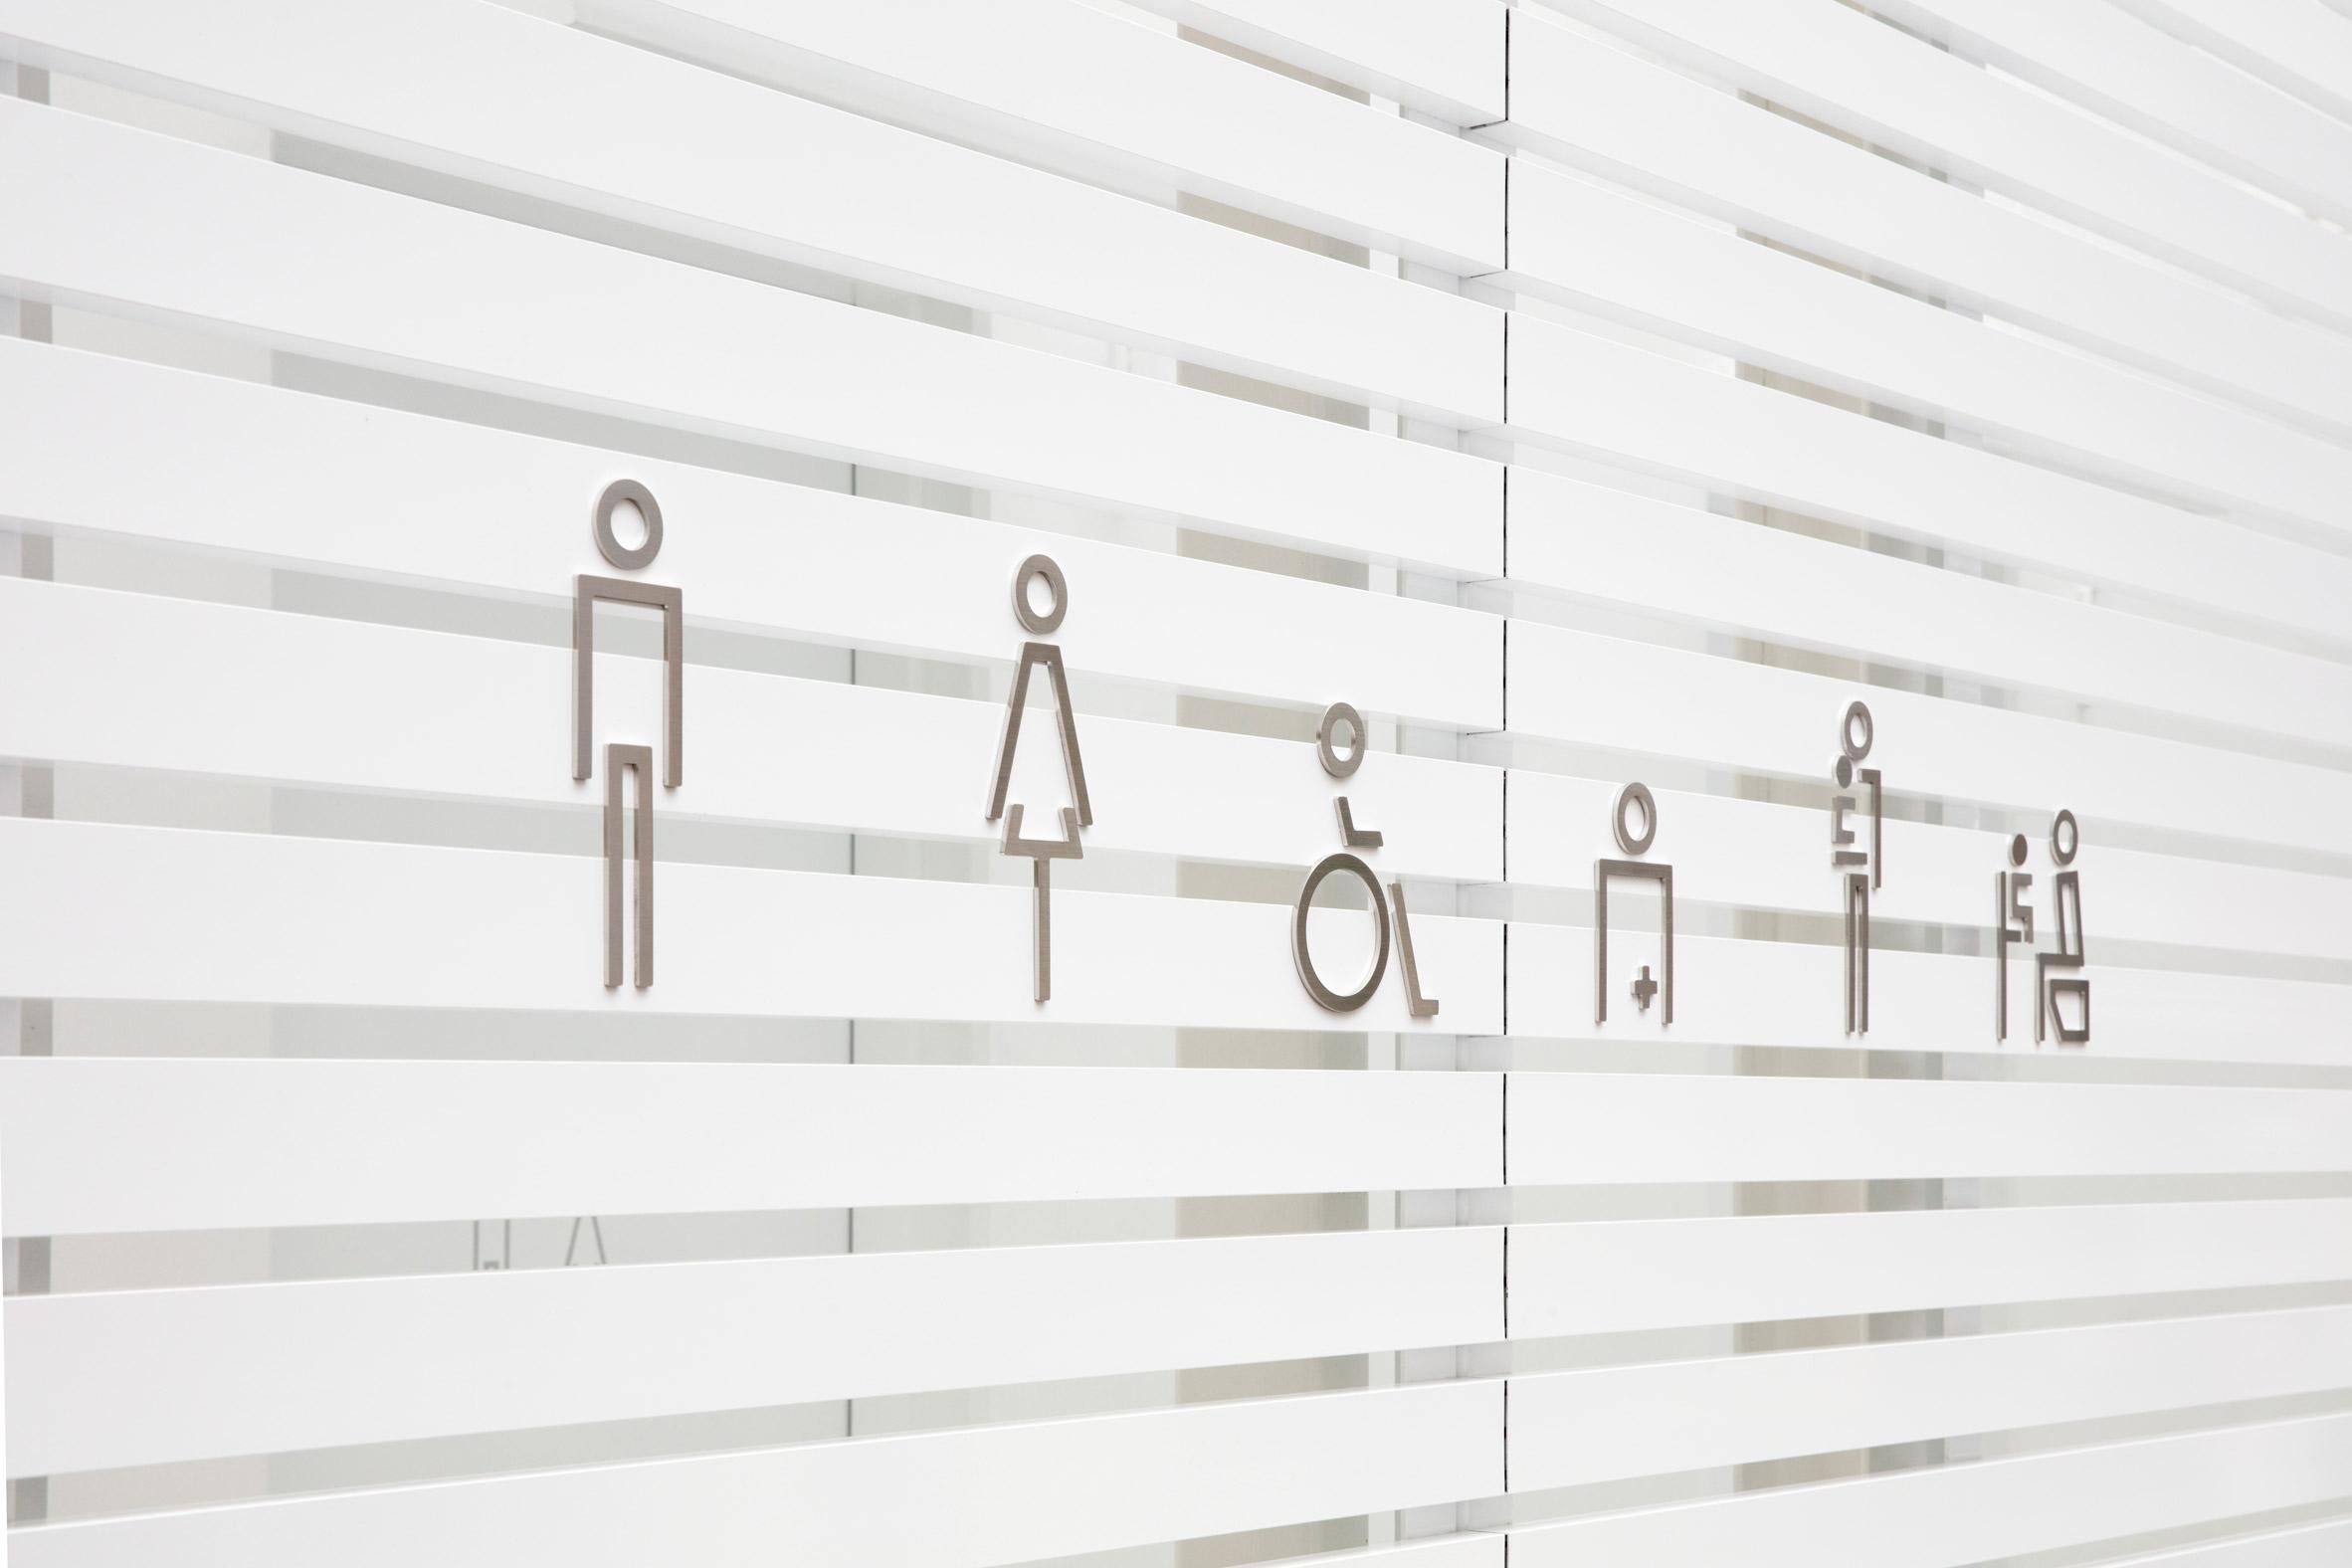 Toilet pictograms by Sato